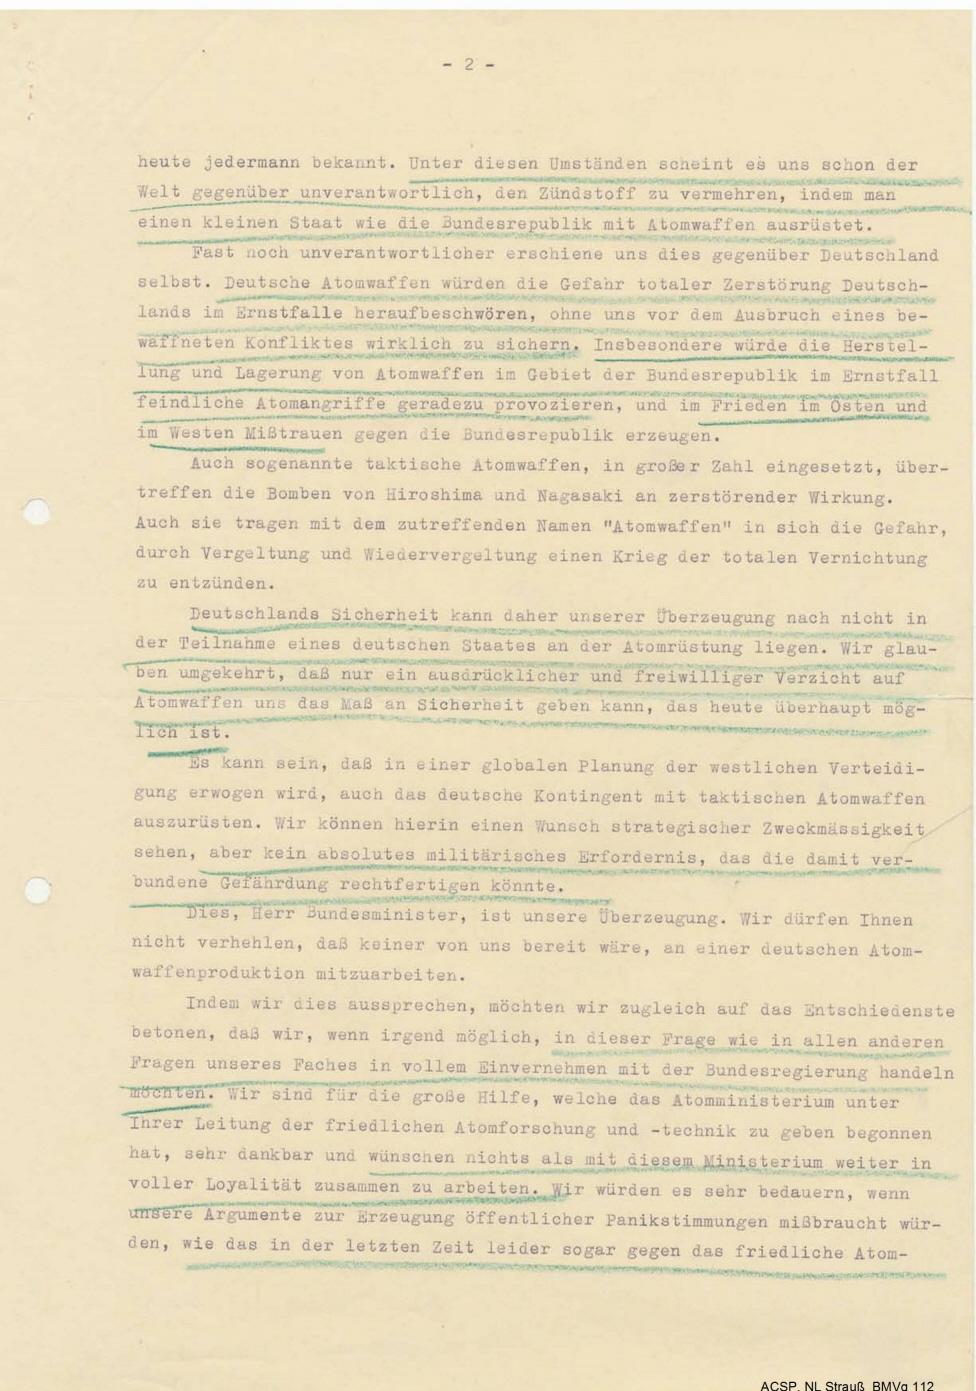 Zweite Seite des Schreibens vom 19. November 1956